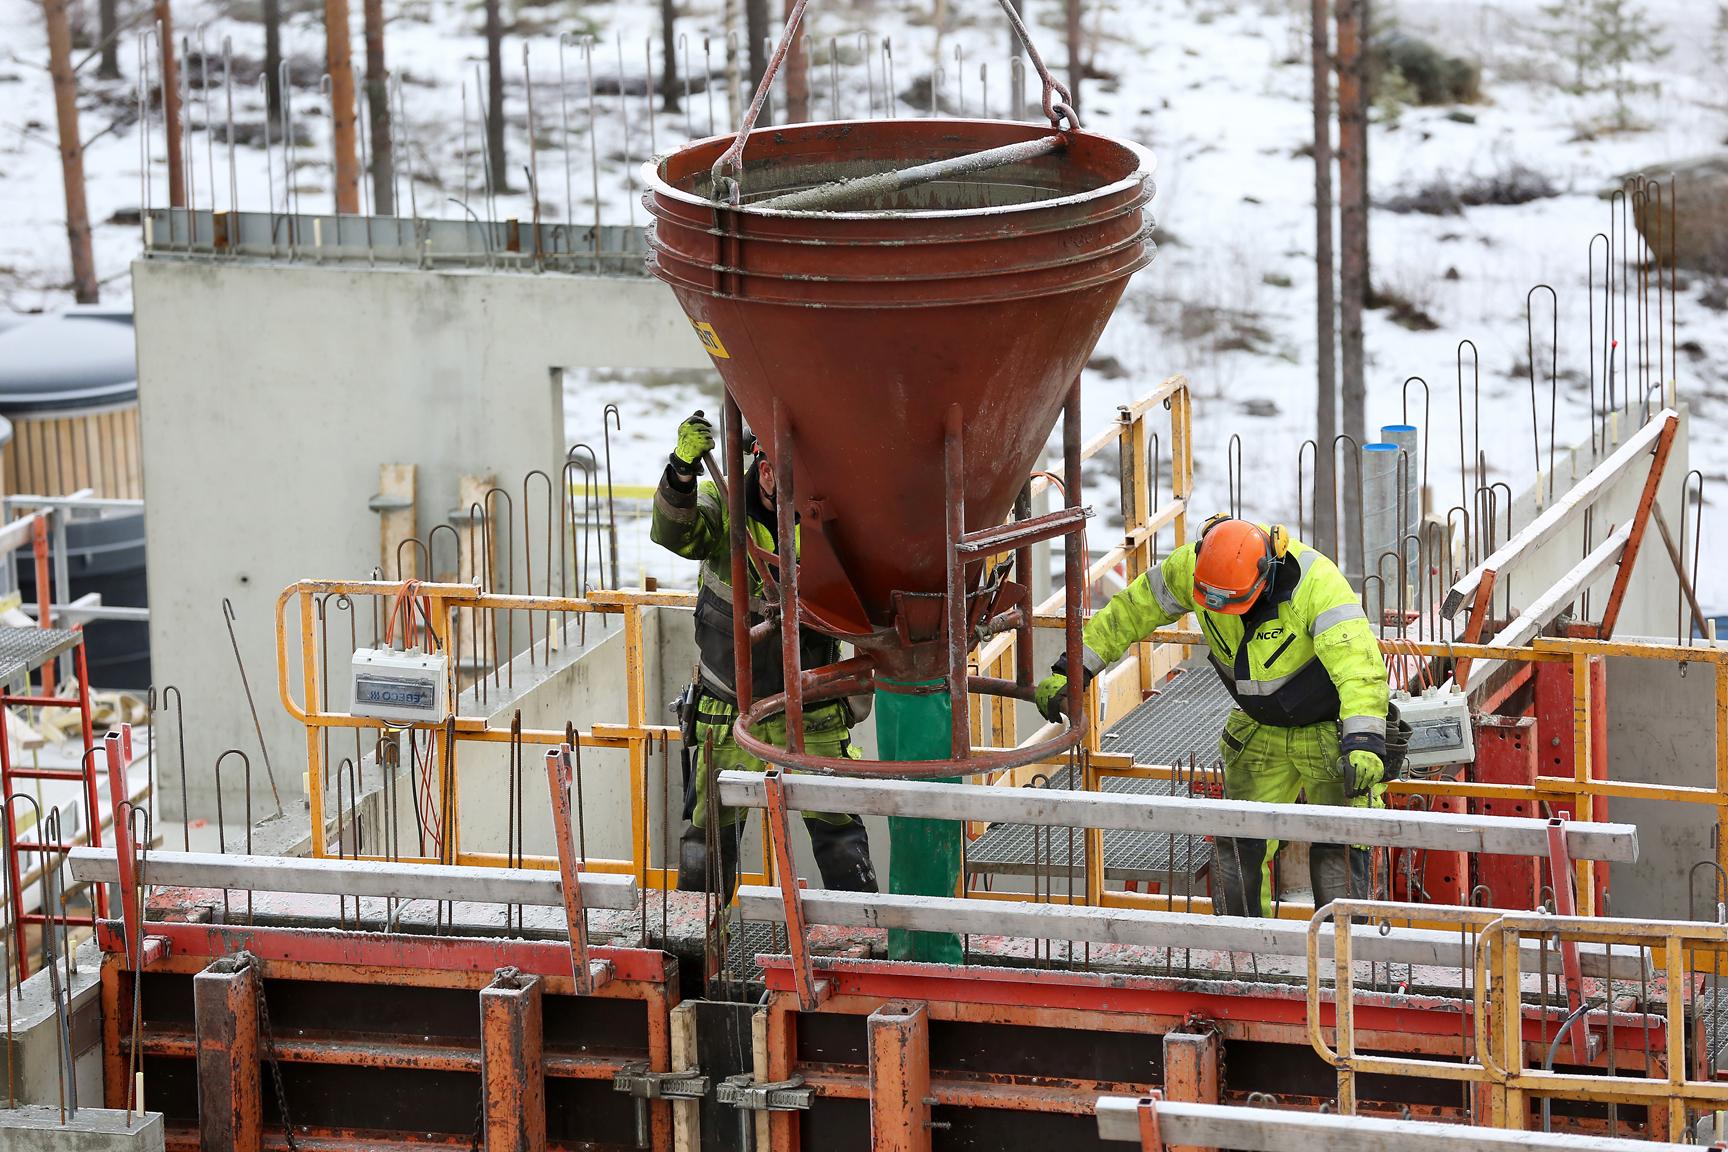 SAmtliga yrkesgrupper inom byggbranschen har däremot en lägre förekomst av psykiska diagnoser jämfört med män i andra yrken. Foto: Tomas Nyberg